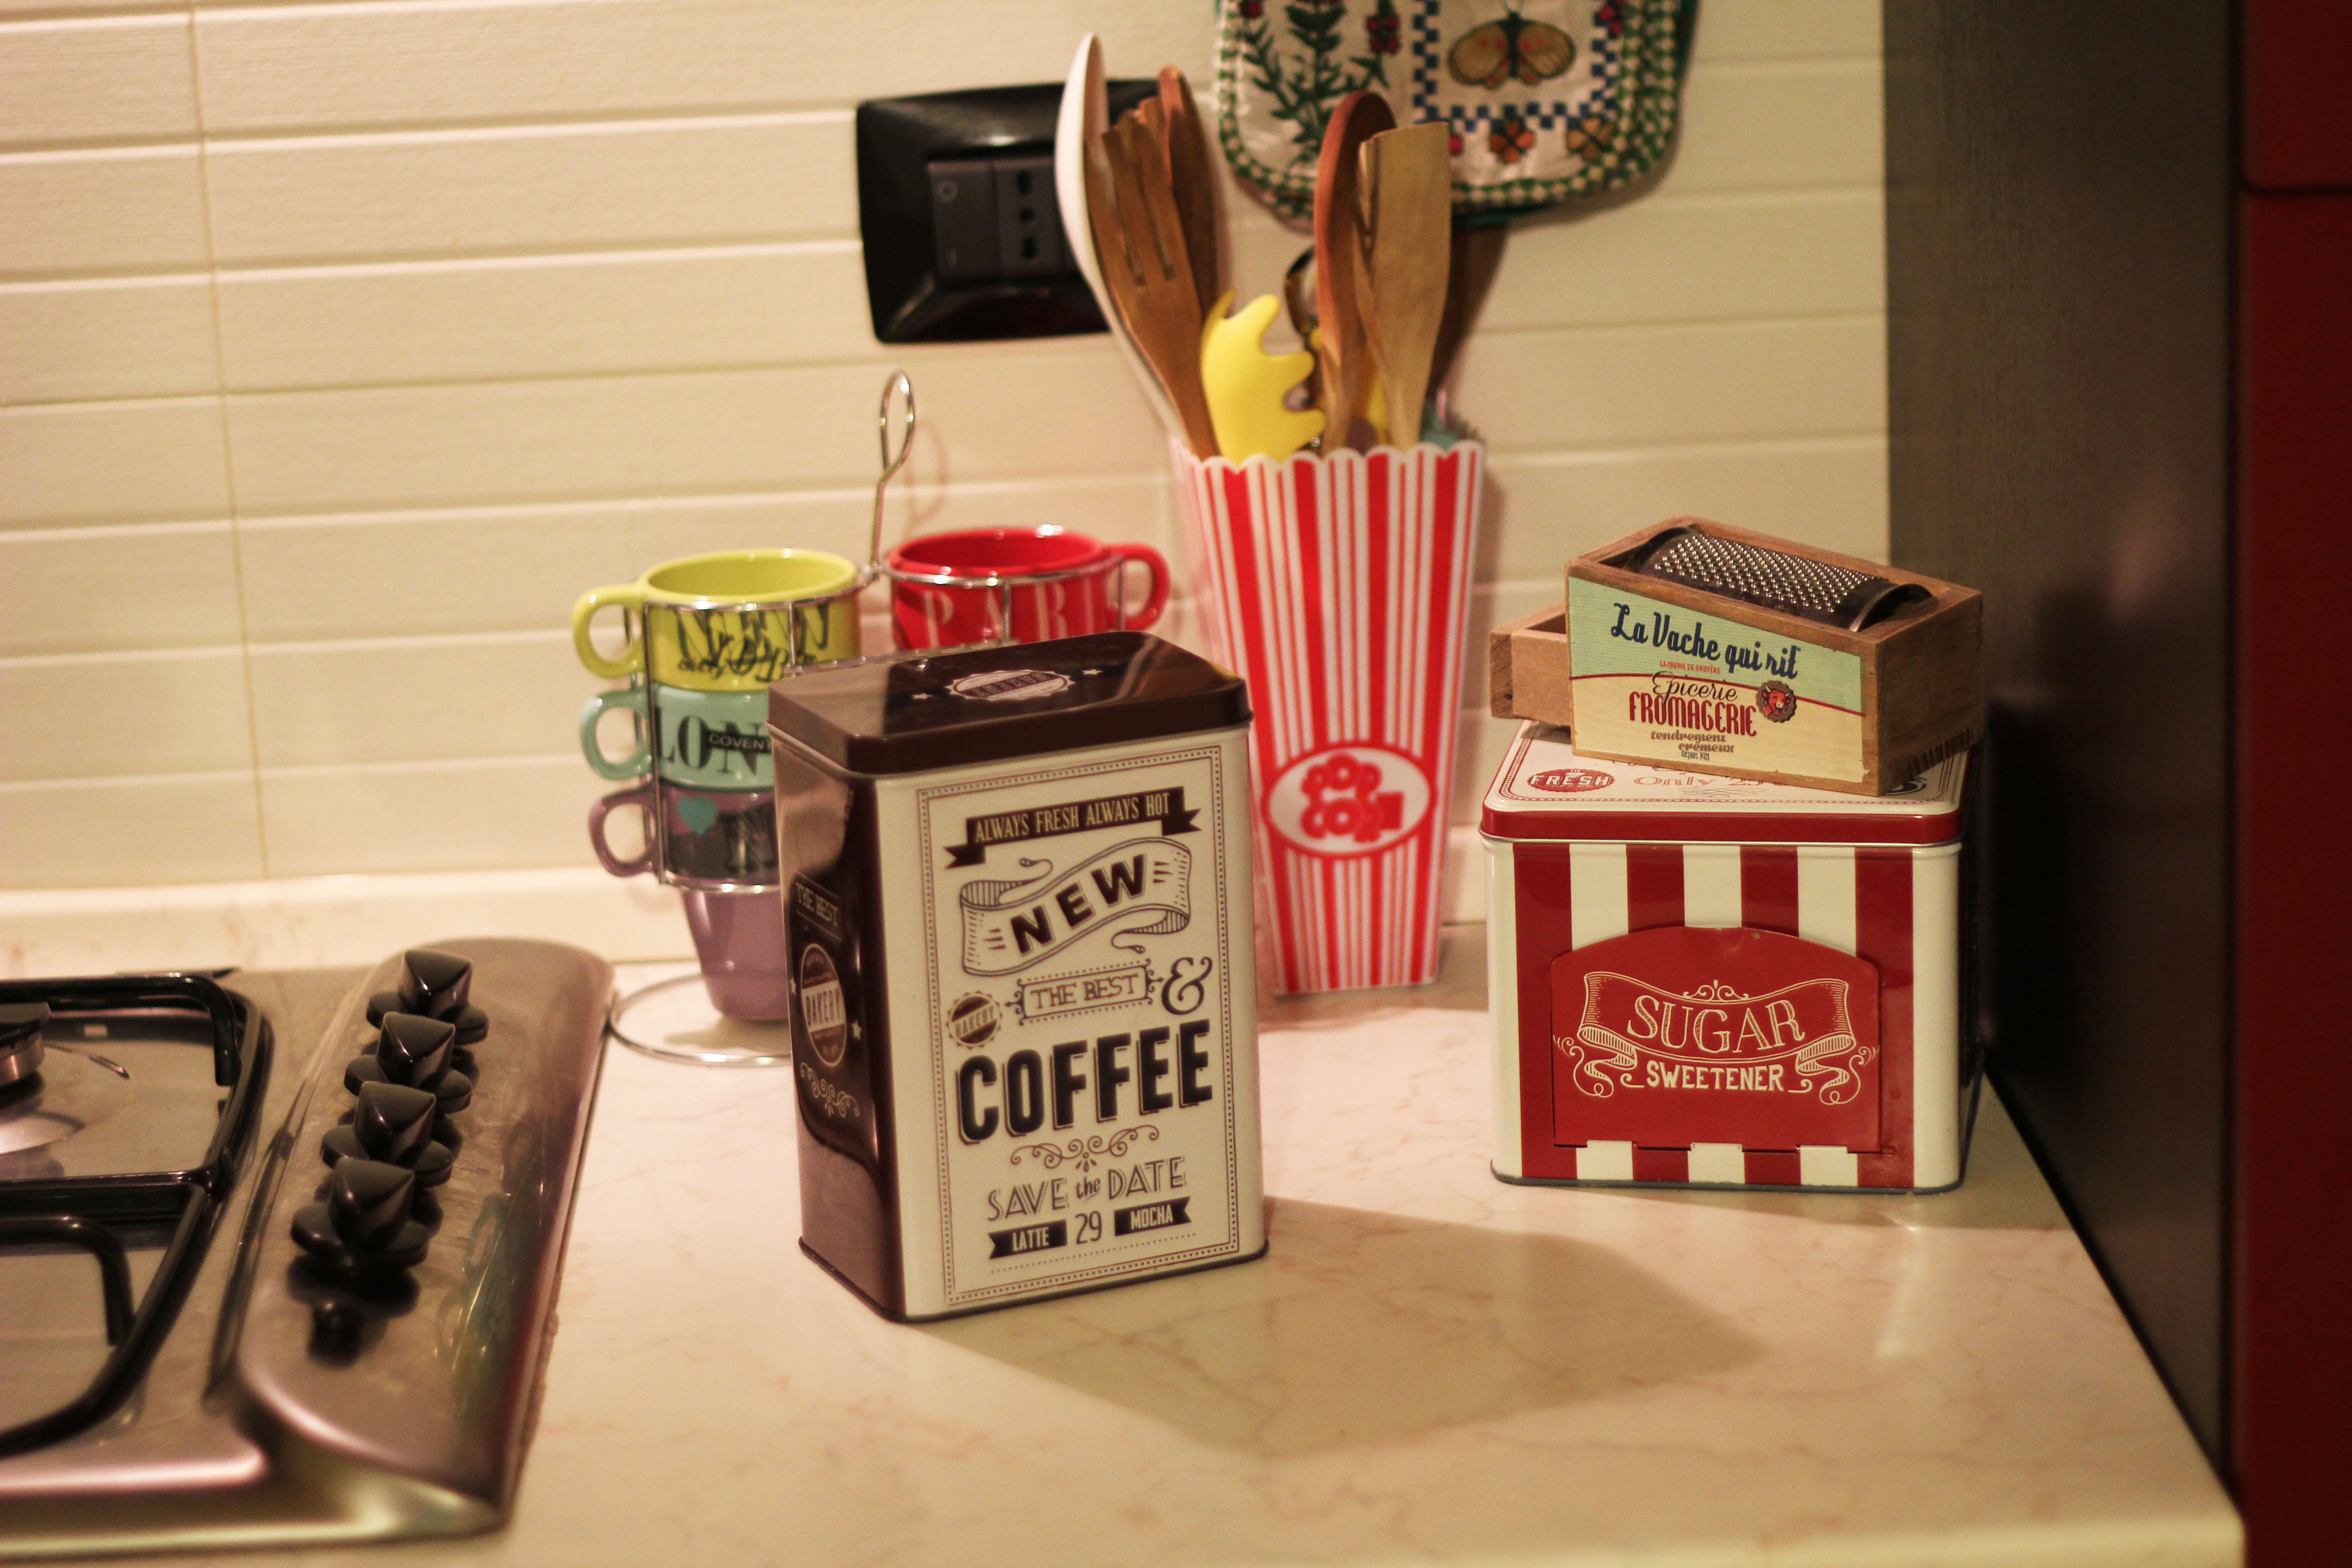 Arredamento a tema: il viaggio Vi va un caffè a casa mia?